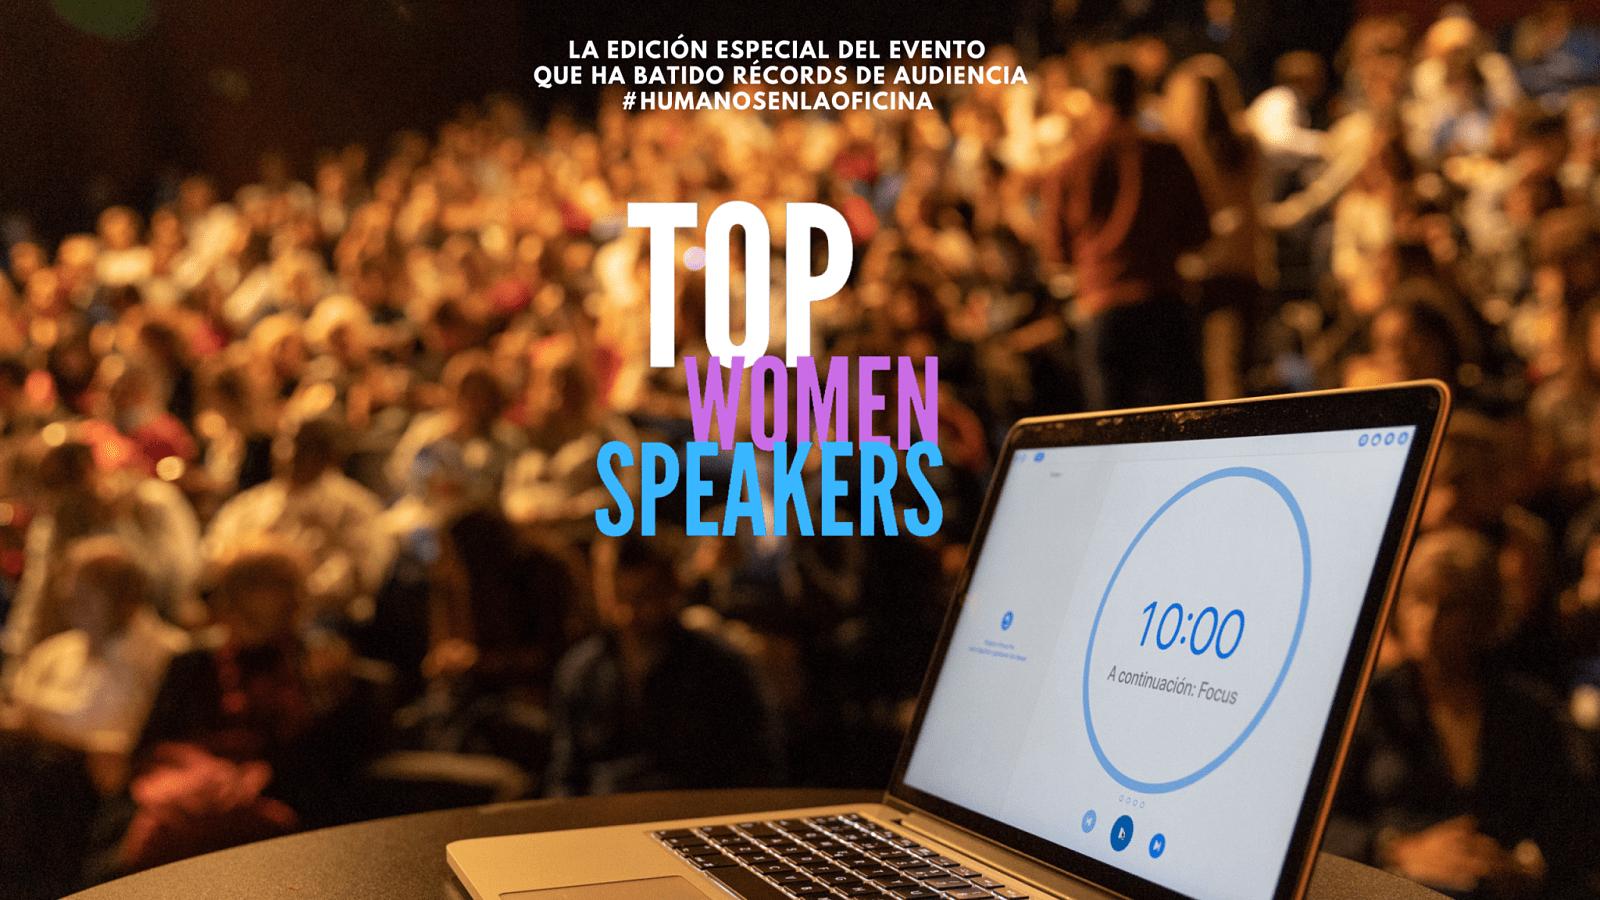 2019 humano en la oficina edición especial #topwomenspeakers